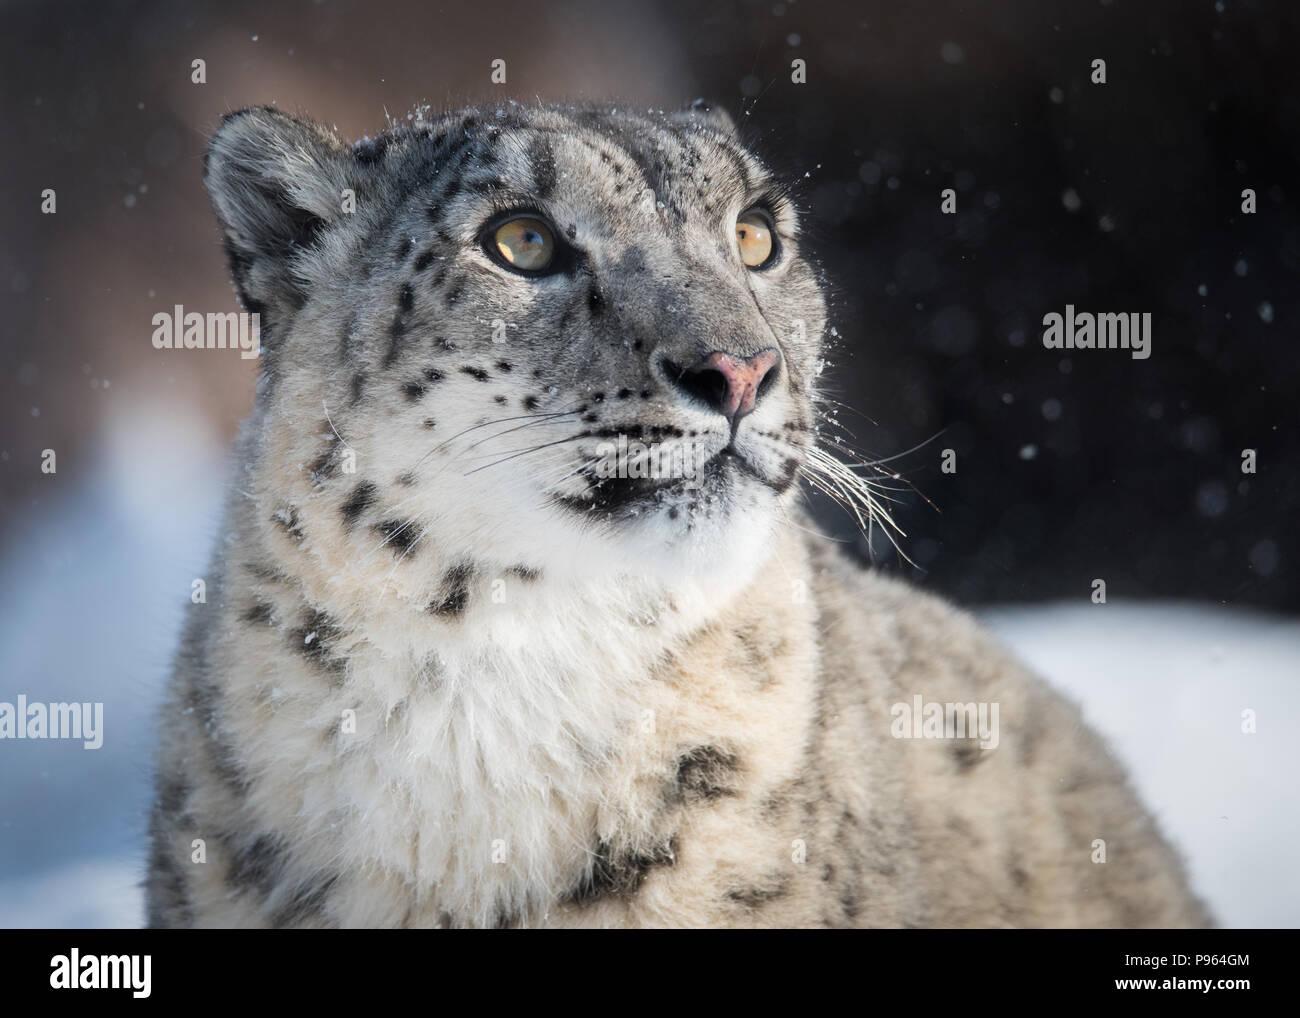 Snow Leopard Ena Uhren der Schnee fallen an der Toronto Zoo, wo Sie ist Teil einer erfolgreichen Zucht Programm für diese gefährdete Arten. Stockbild